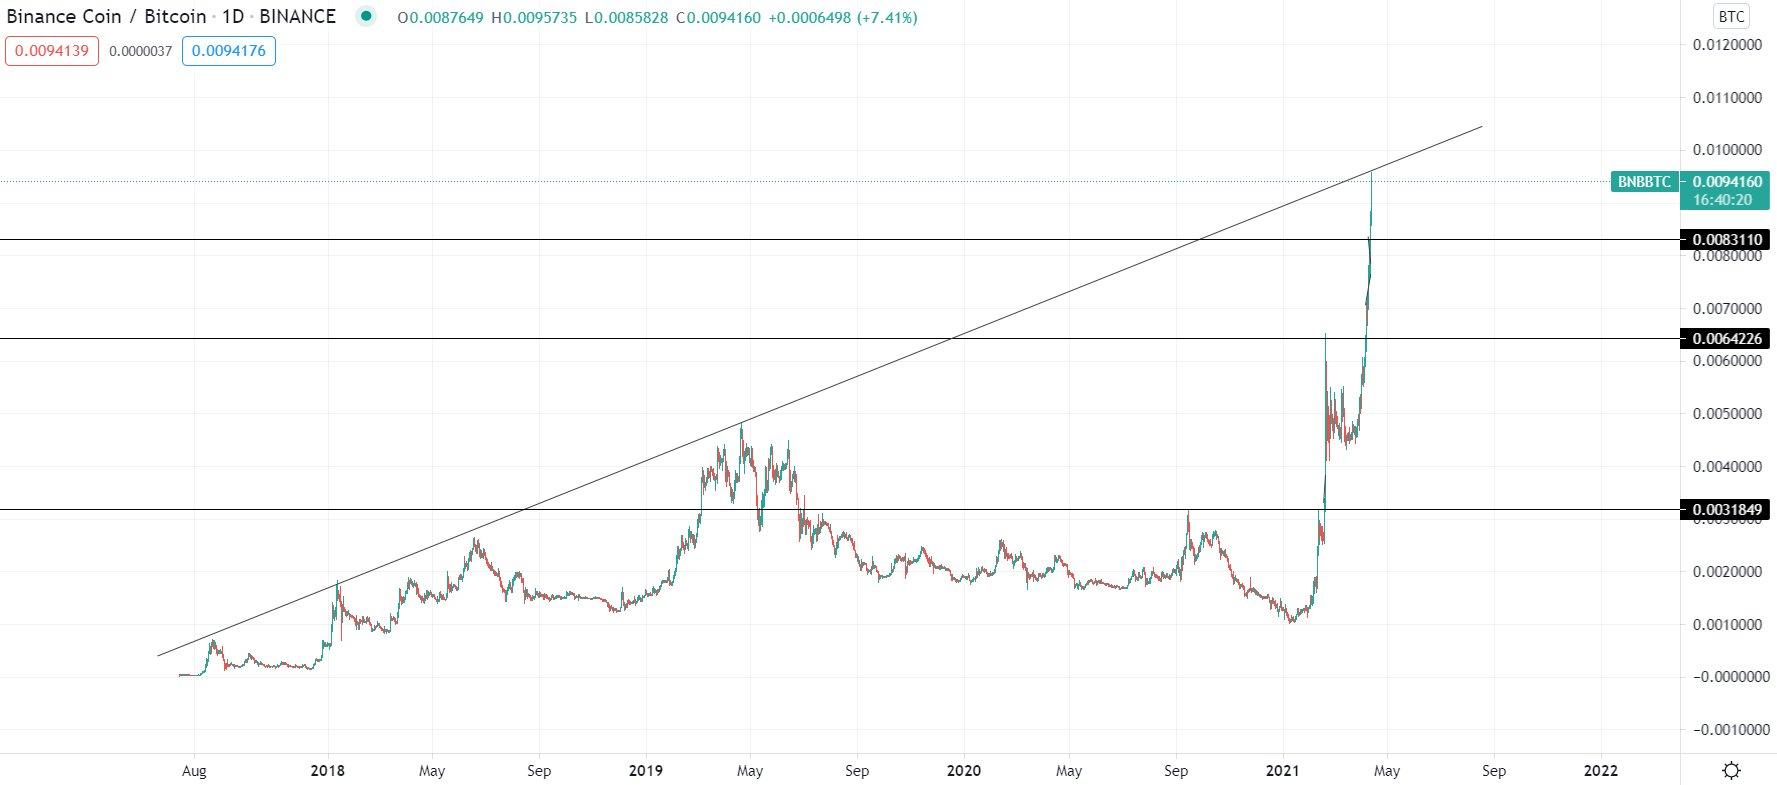 Grafico giornaliero di BSC/BTC (Binance)